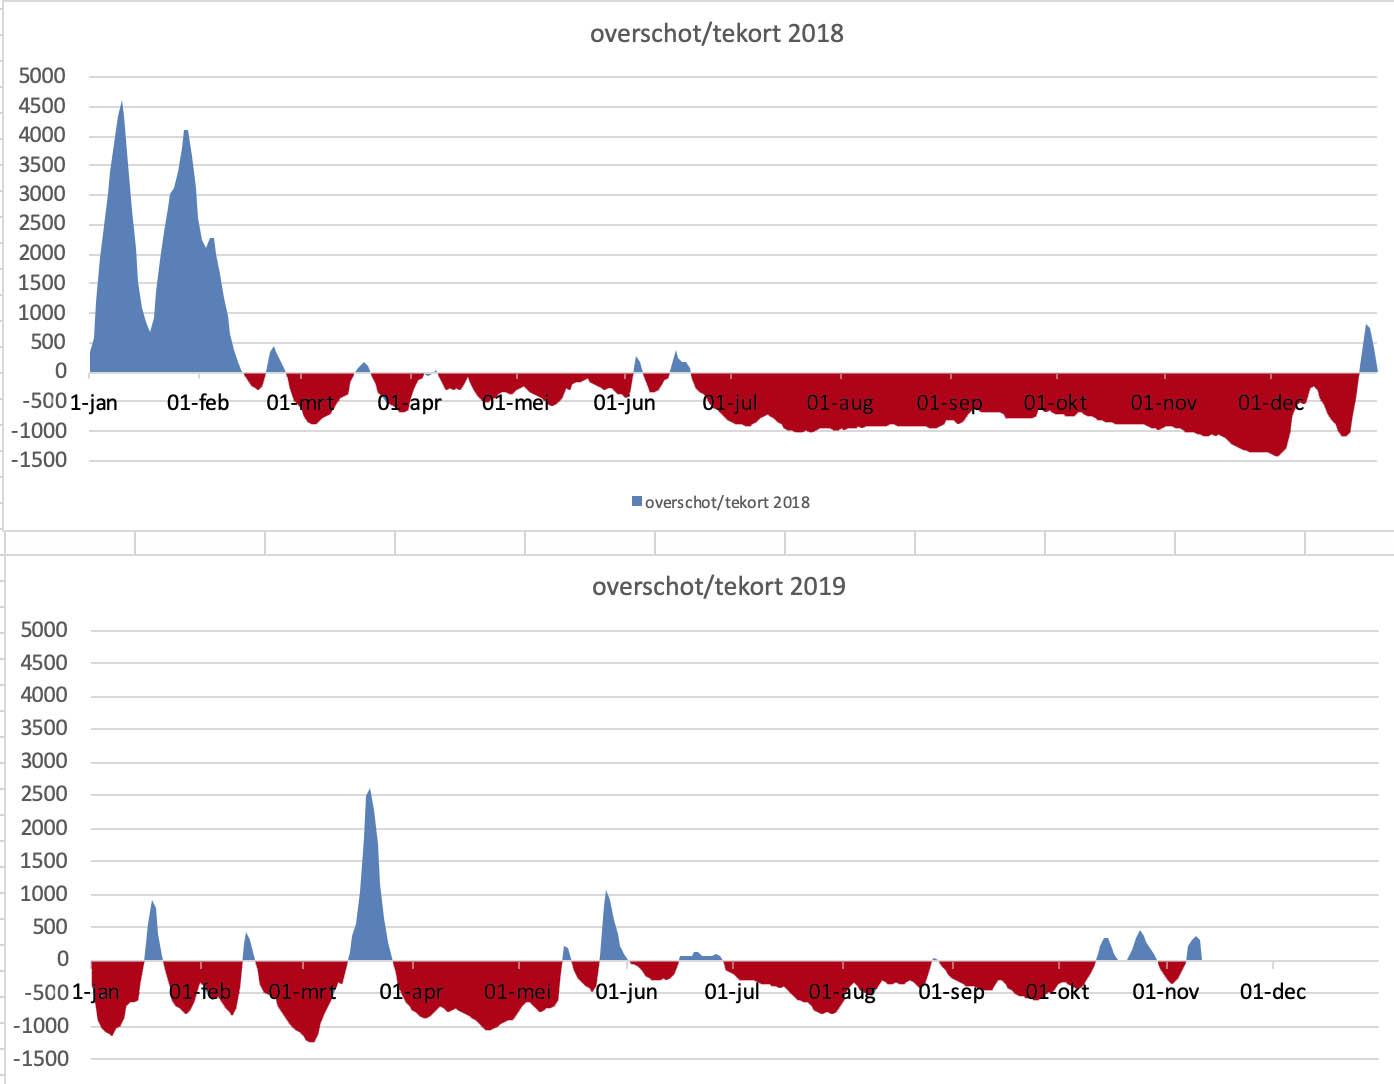 Perioden dat de Rijn meer (blauw) of minder (rood) water afvoerde dan het gemiddelde; gedurende 2018 (boven) en 2019 (onder)